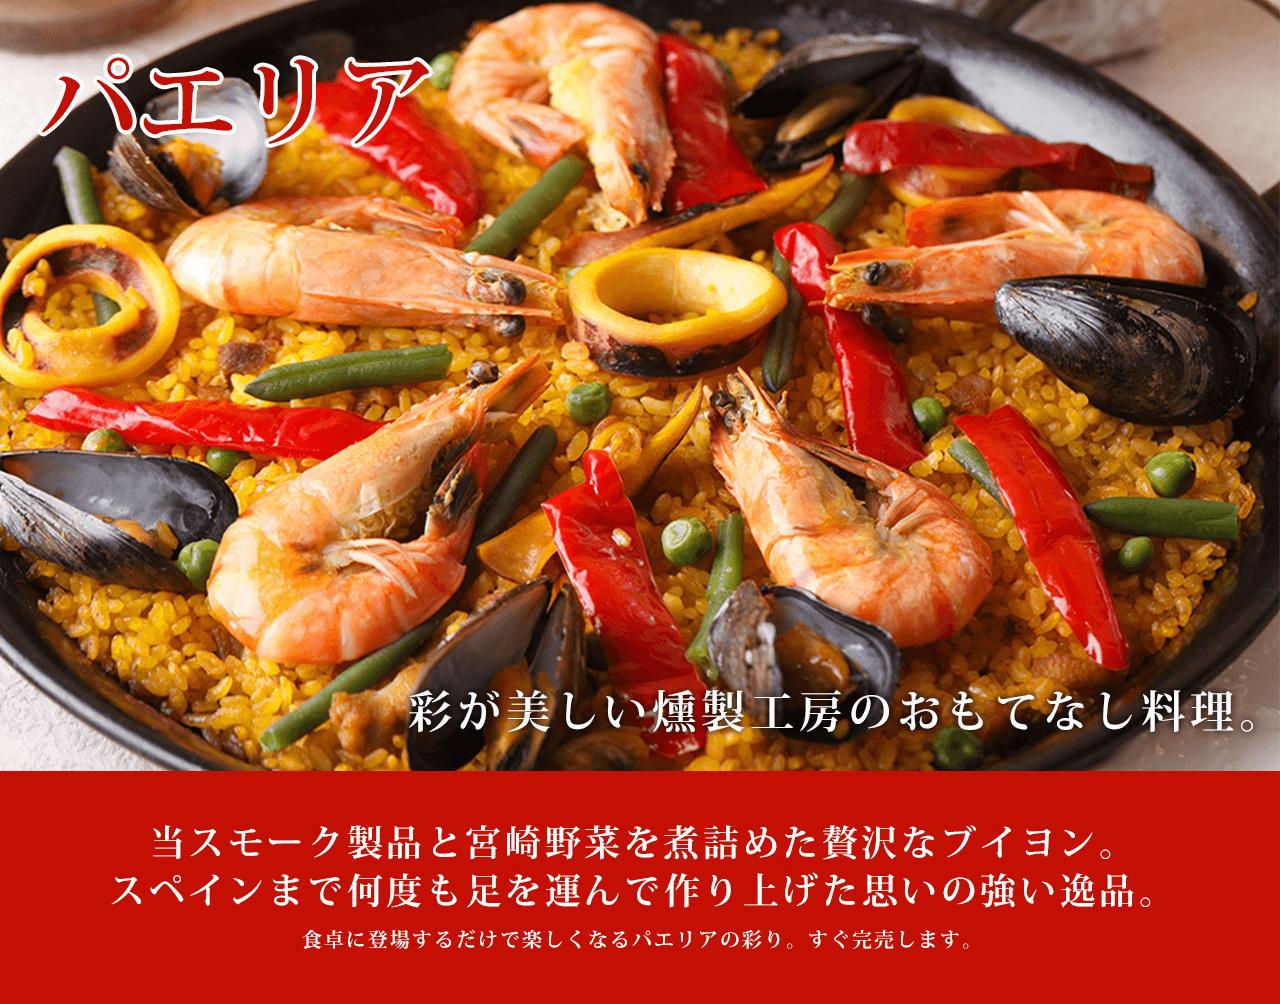 当スモーク製品と宮崎野菜を煮詰めた贅沢なブイヨン。スペインまで何度も足を運んで作り上げた思いの強い逸品。